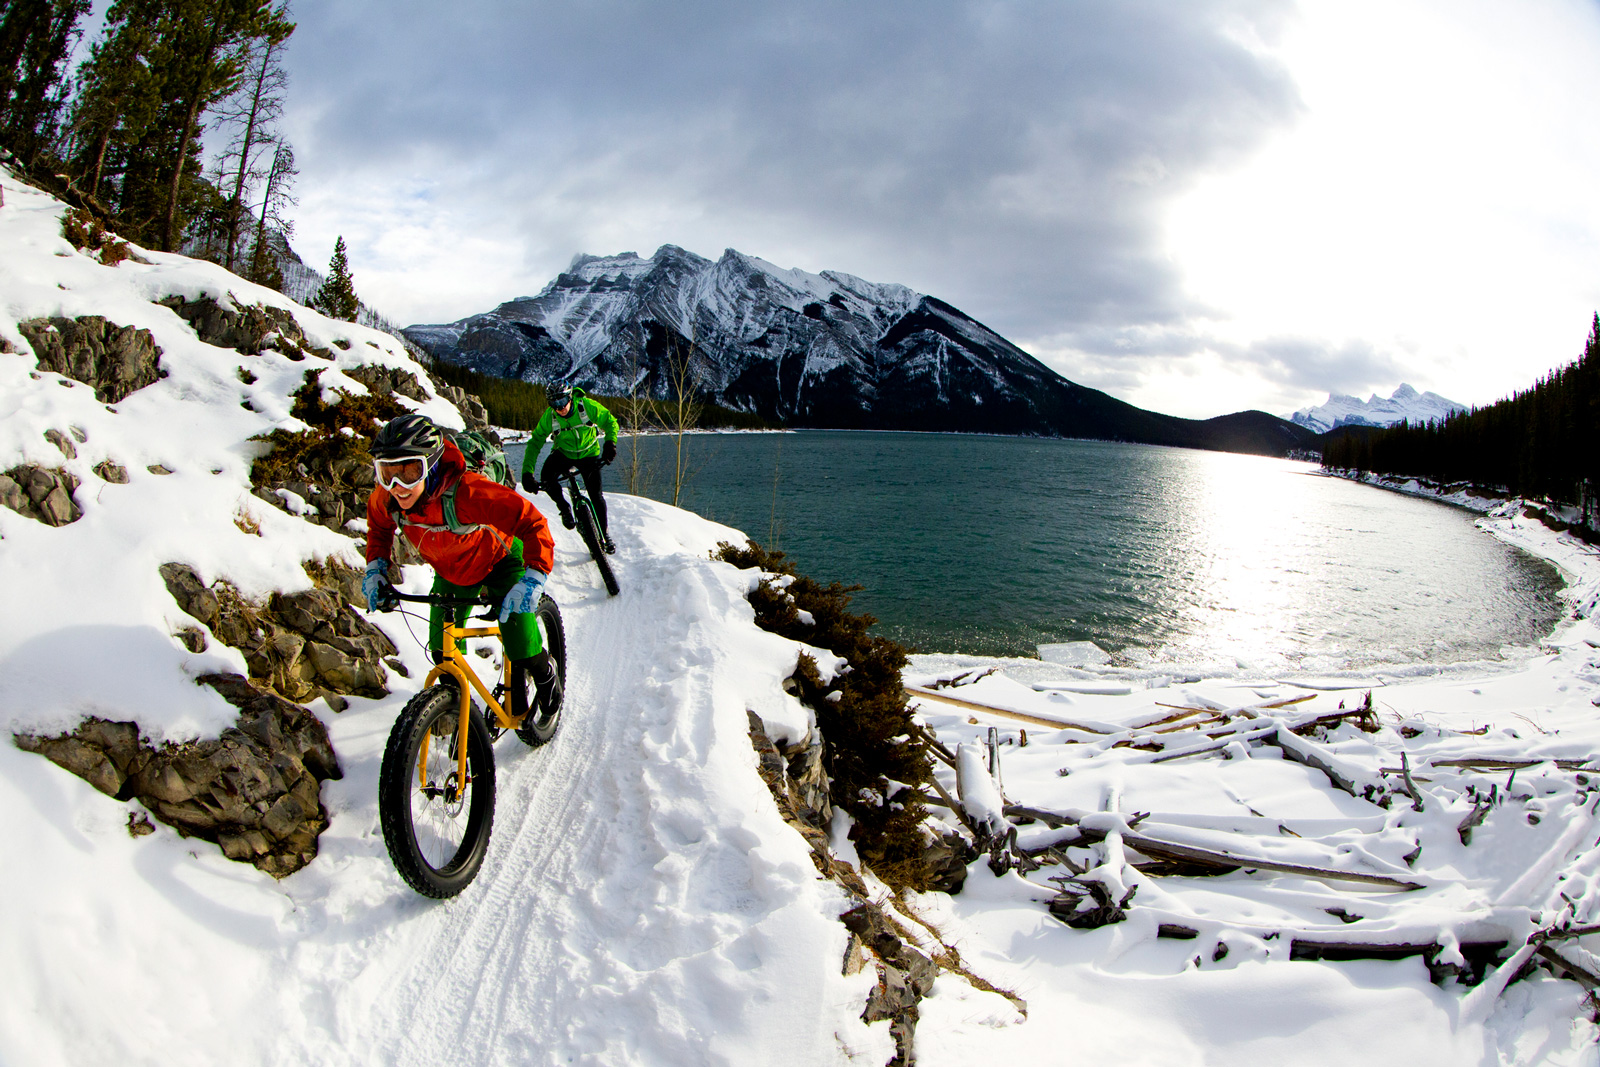 Auch in den Bergen ist Biken im Winter möglich – mit der entsprechenden Ausstattung und Ausrüstung.